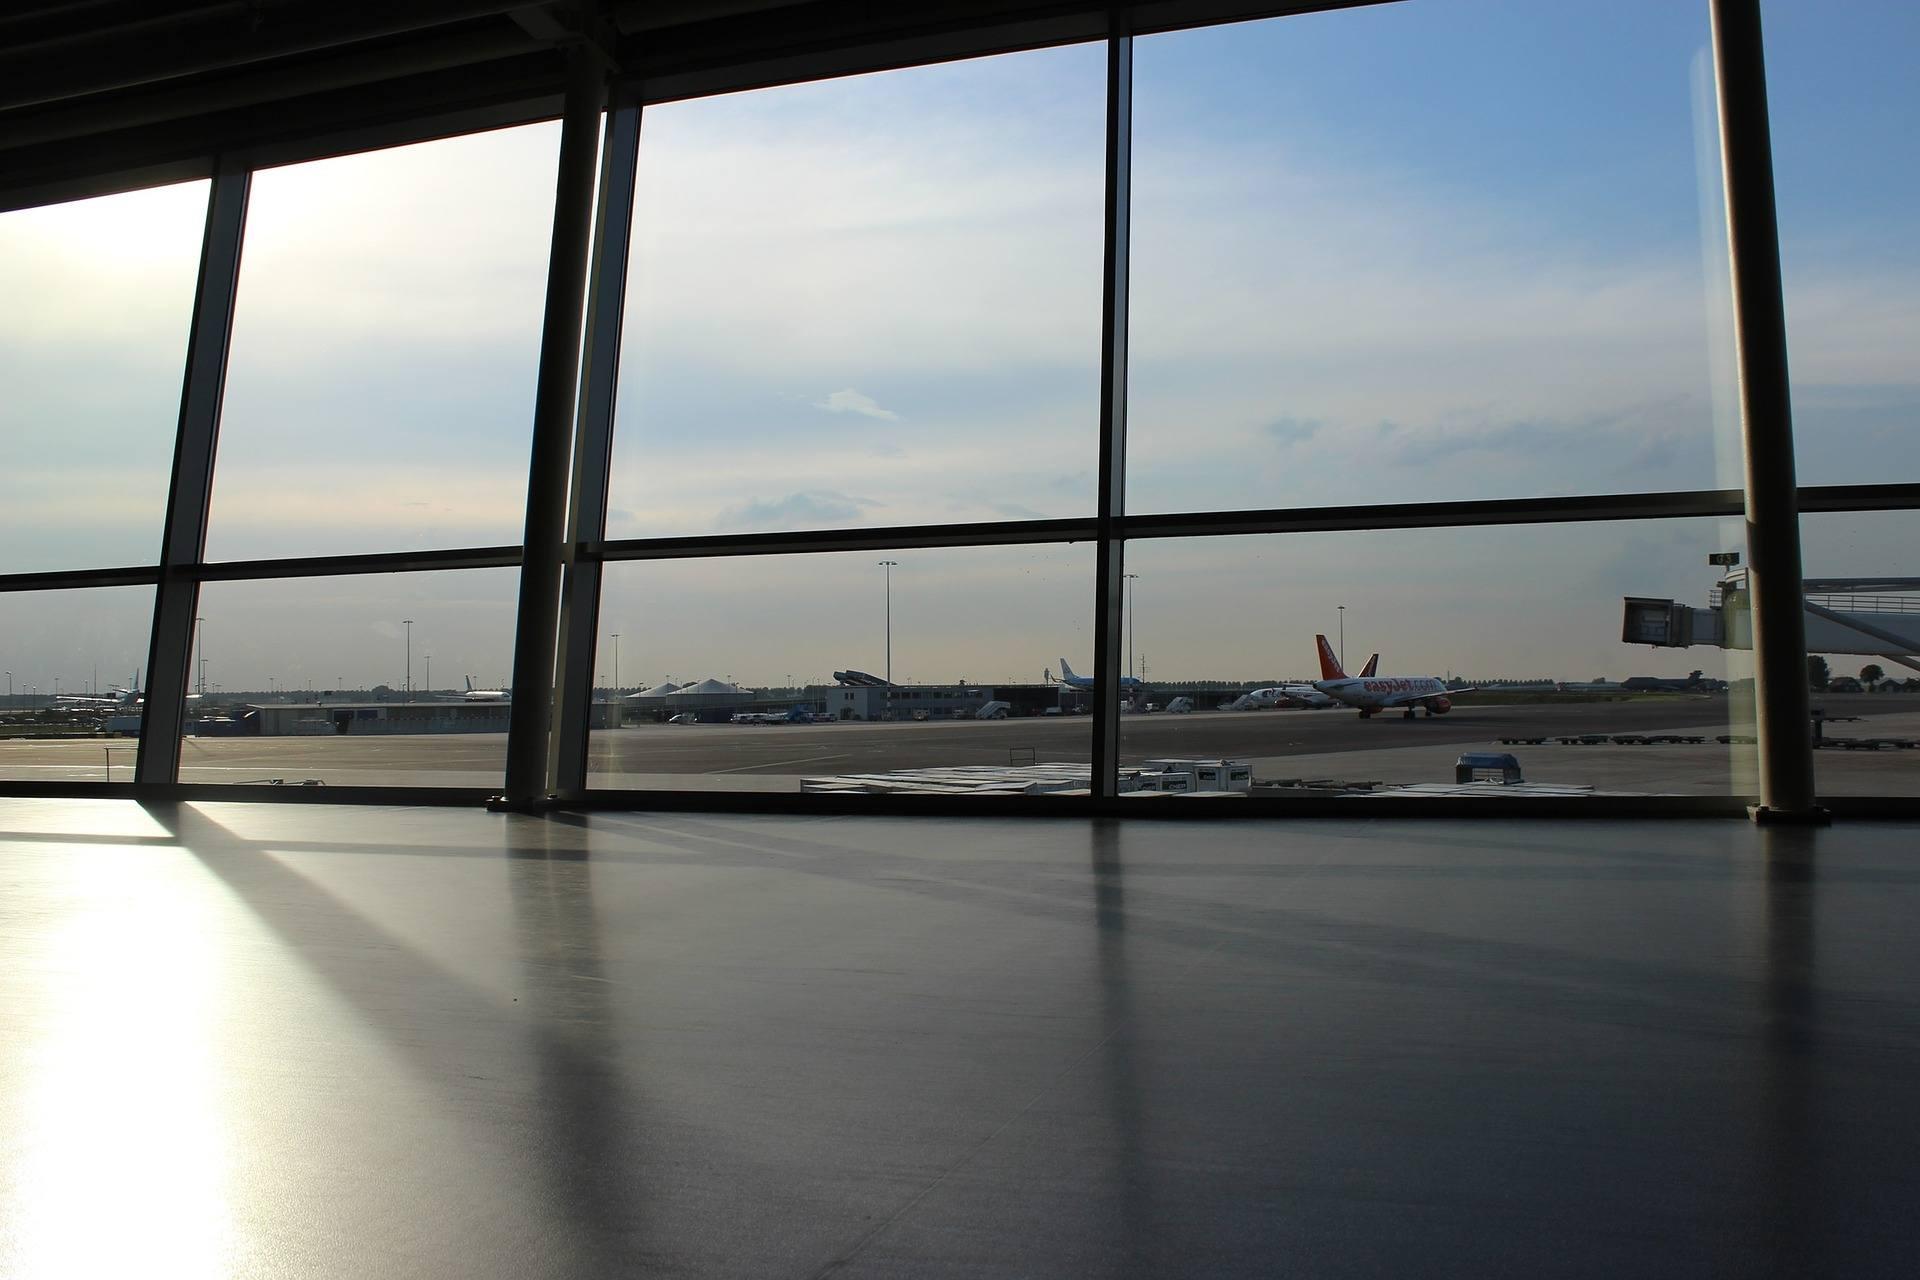 Airlines auf dem Flughafen